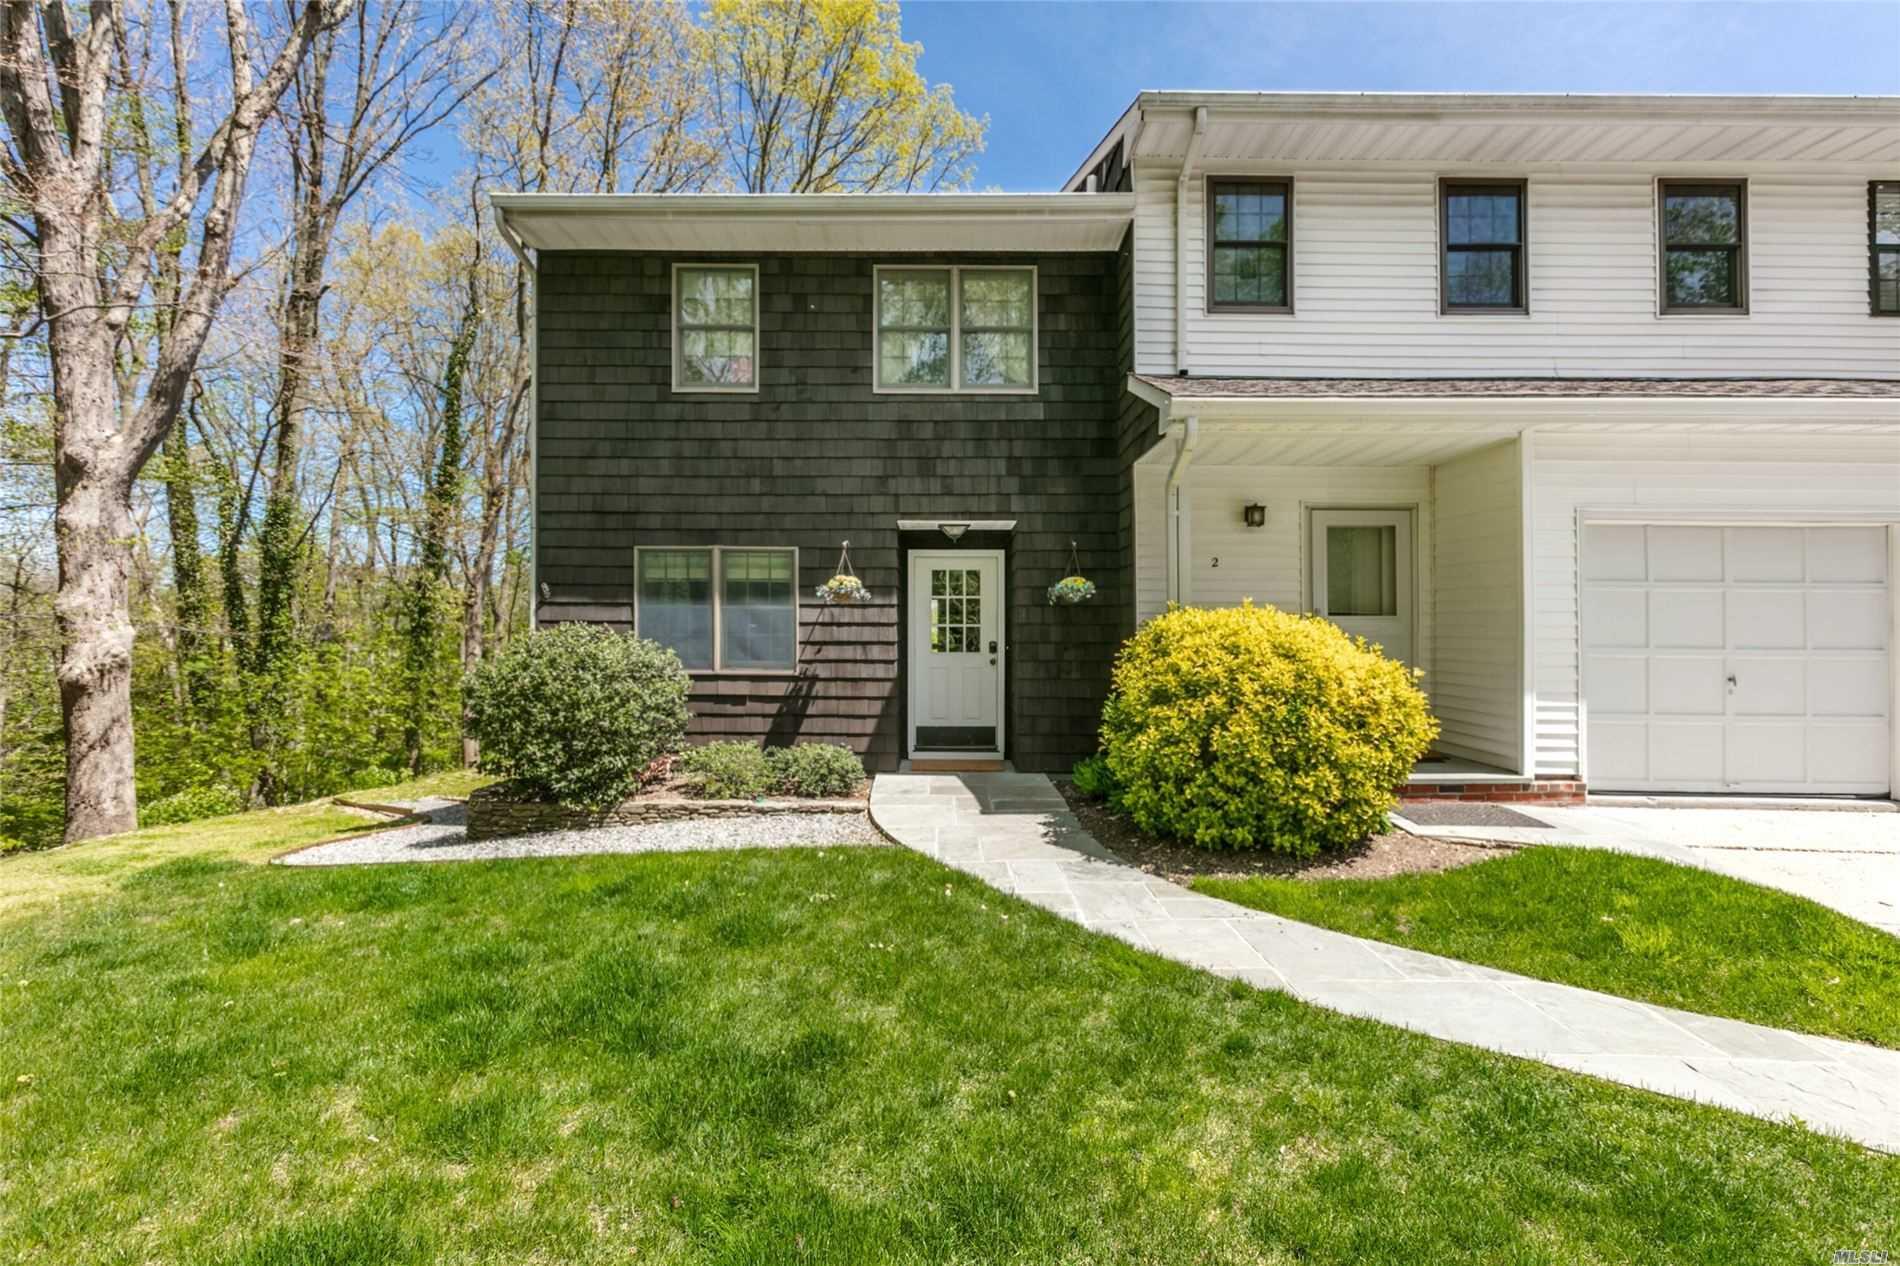 Property for sale at 1 Pine Street # 1, Huntington NY 11743, Huntington,  New York 11743